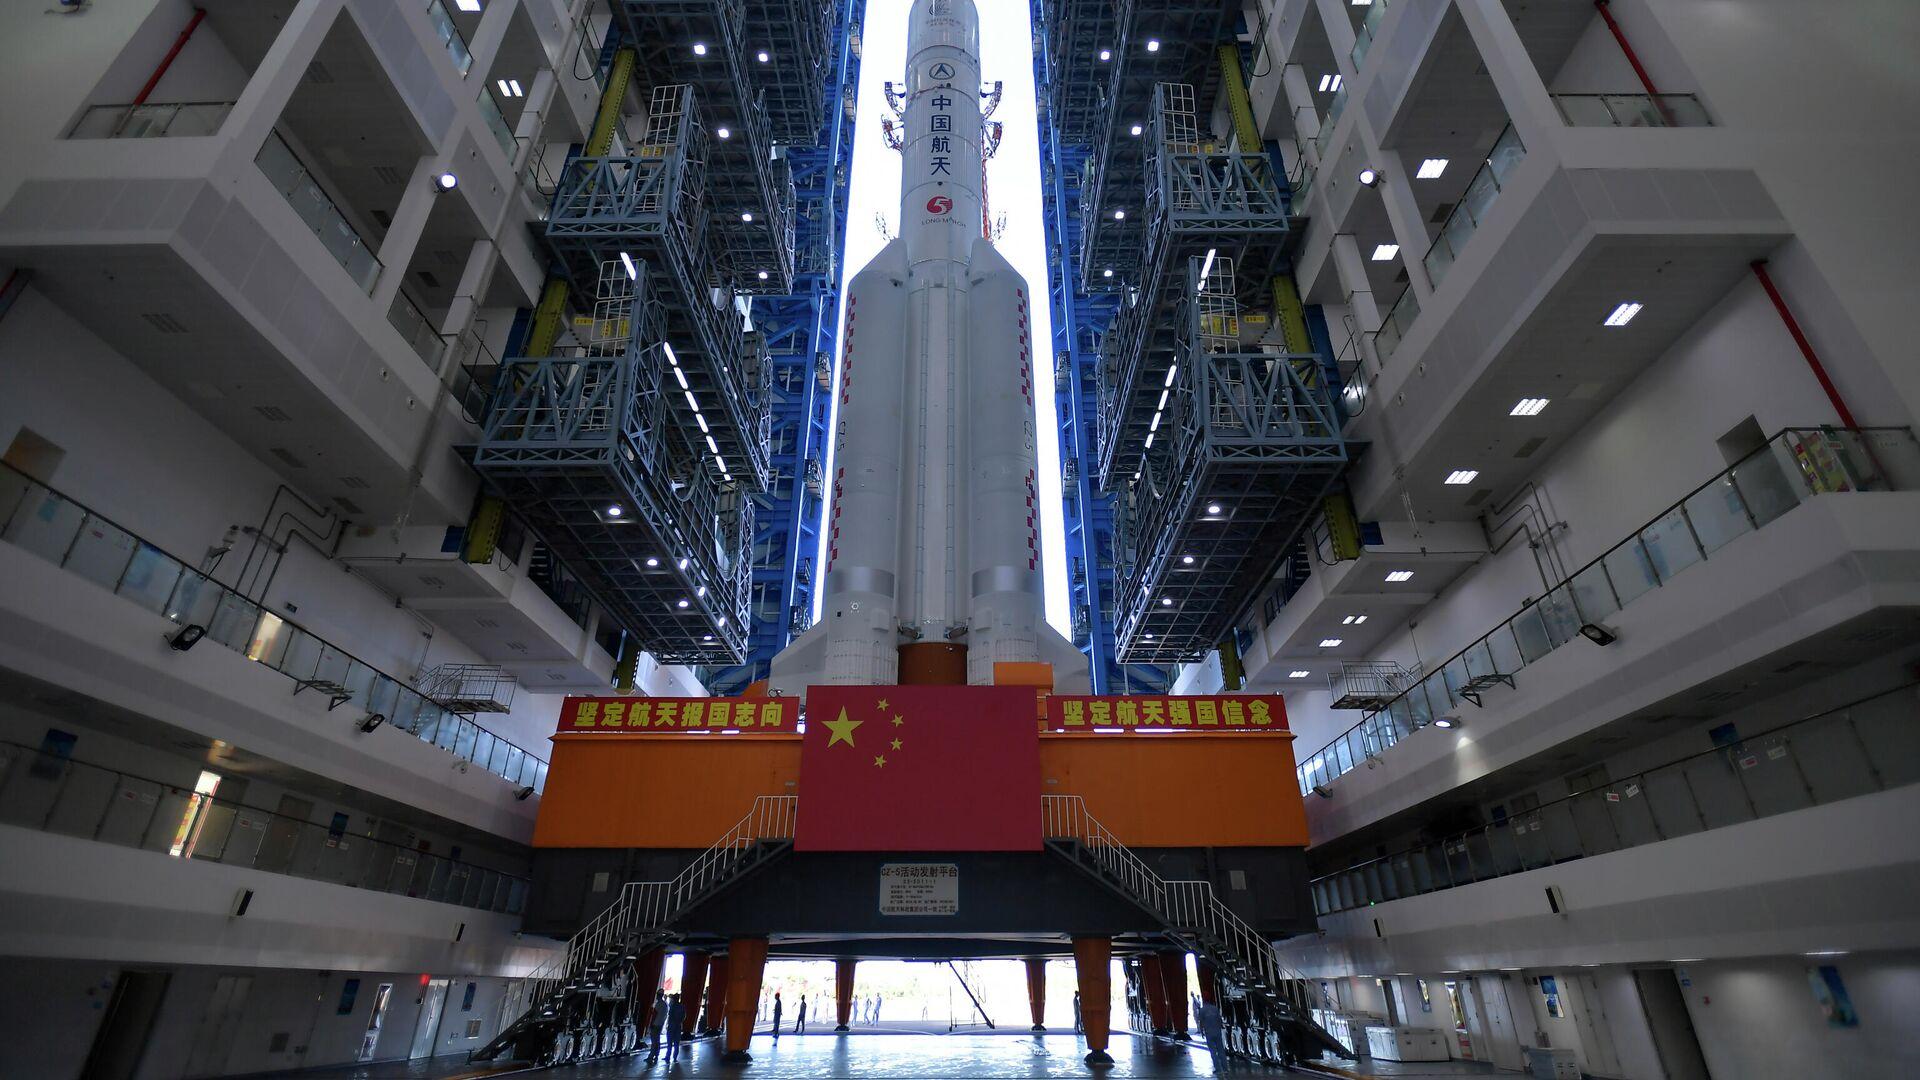 Ракета Long March-5 в космическом стартовом центре Вэньчан в провинции Хайнань - РИА Новости, 1920, 24.12.2020